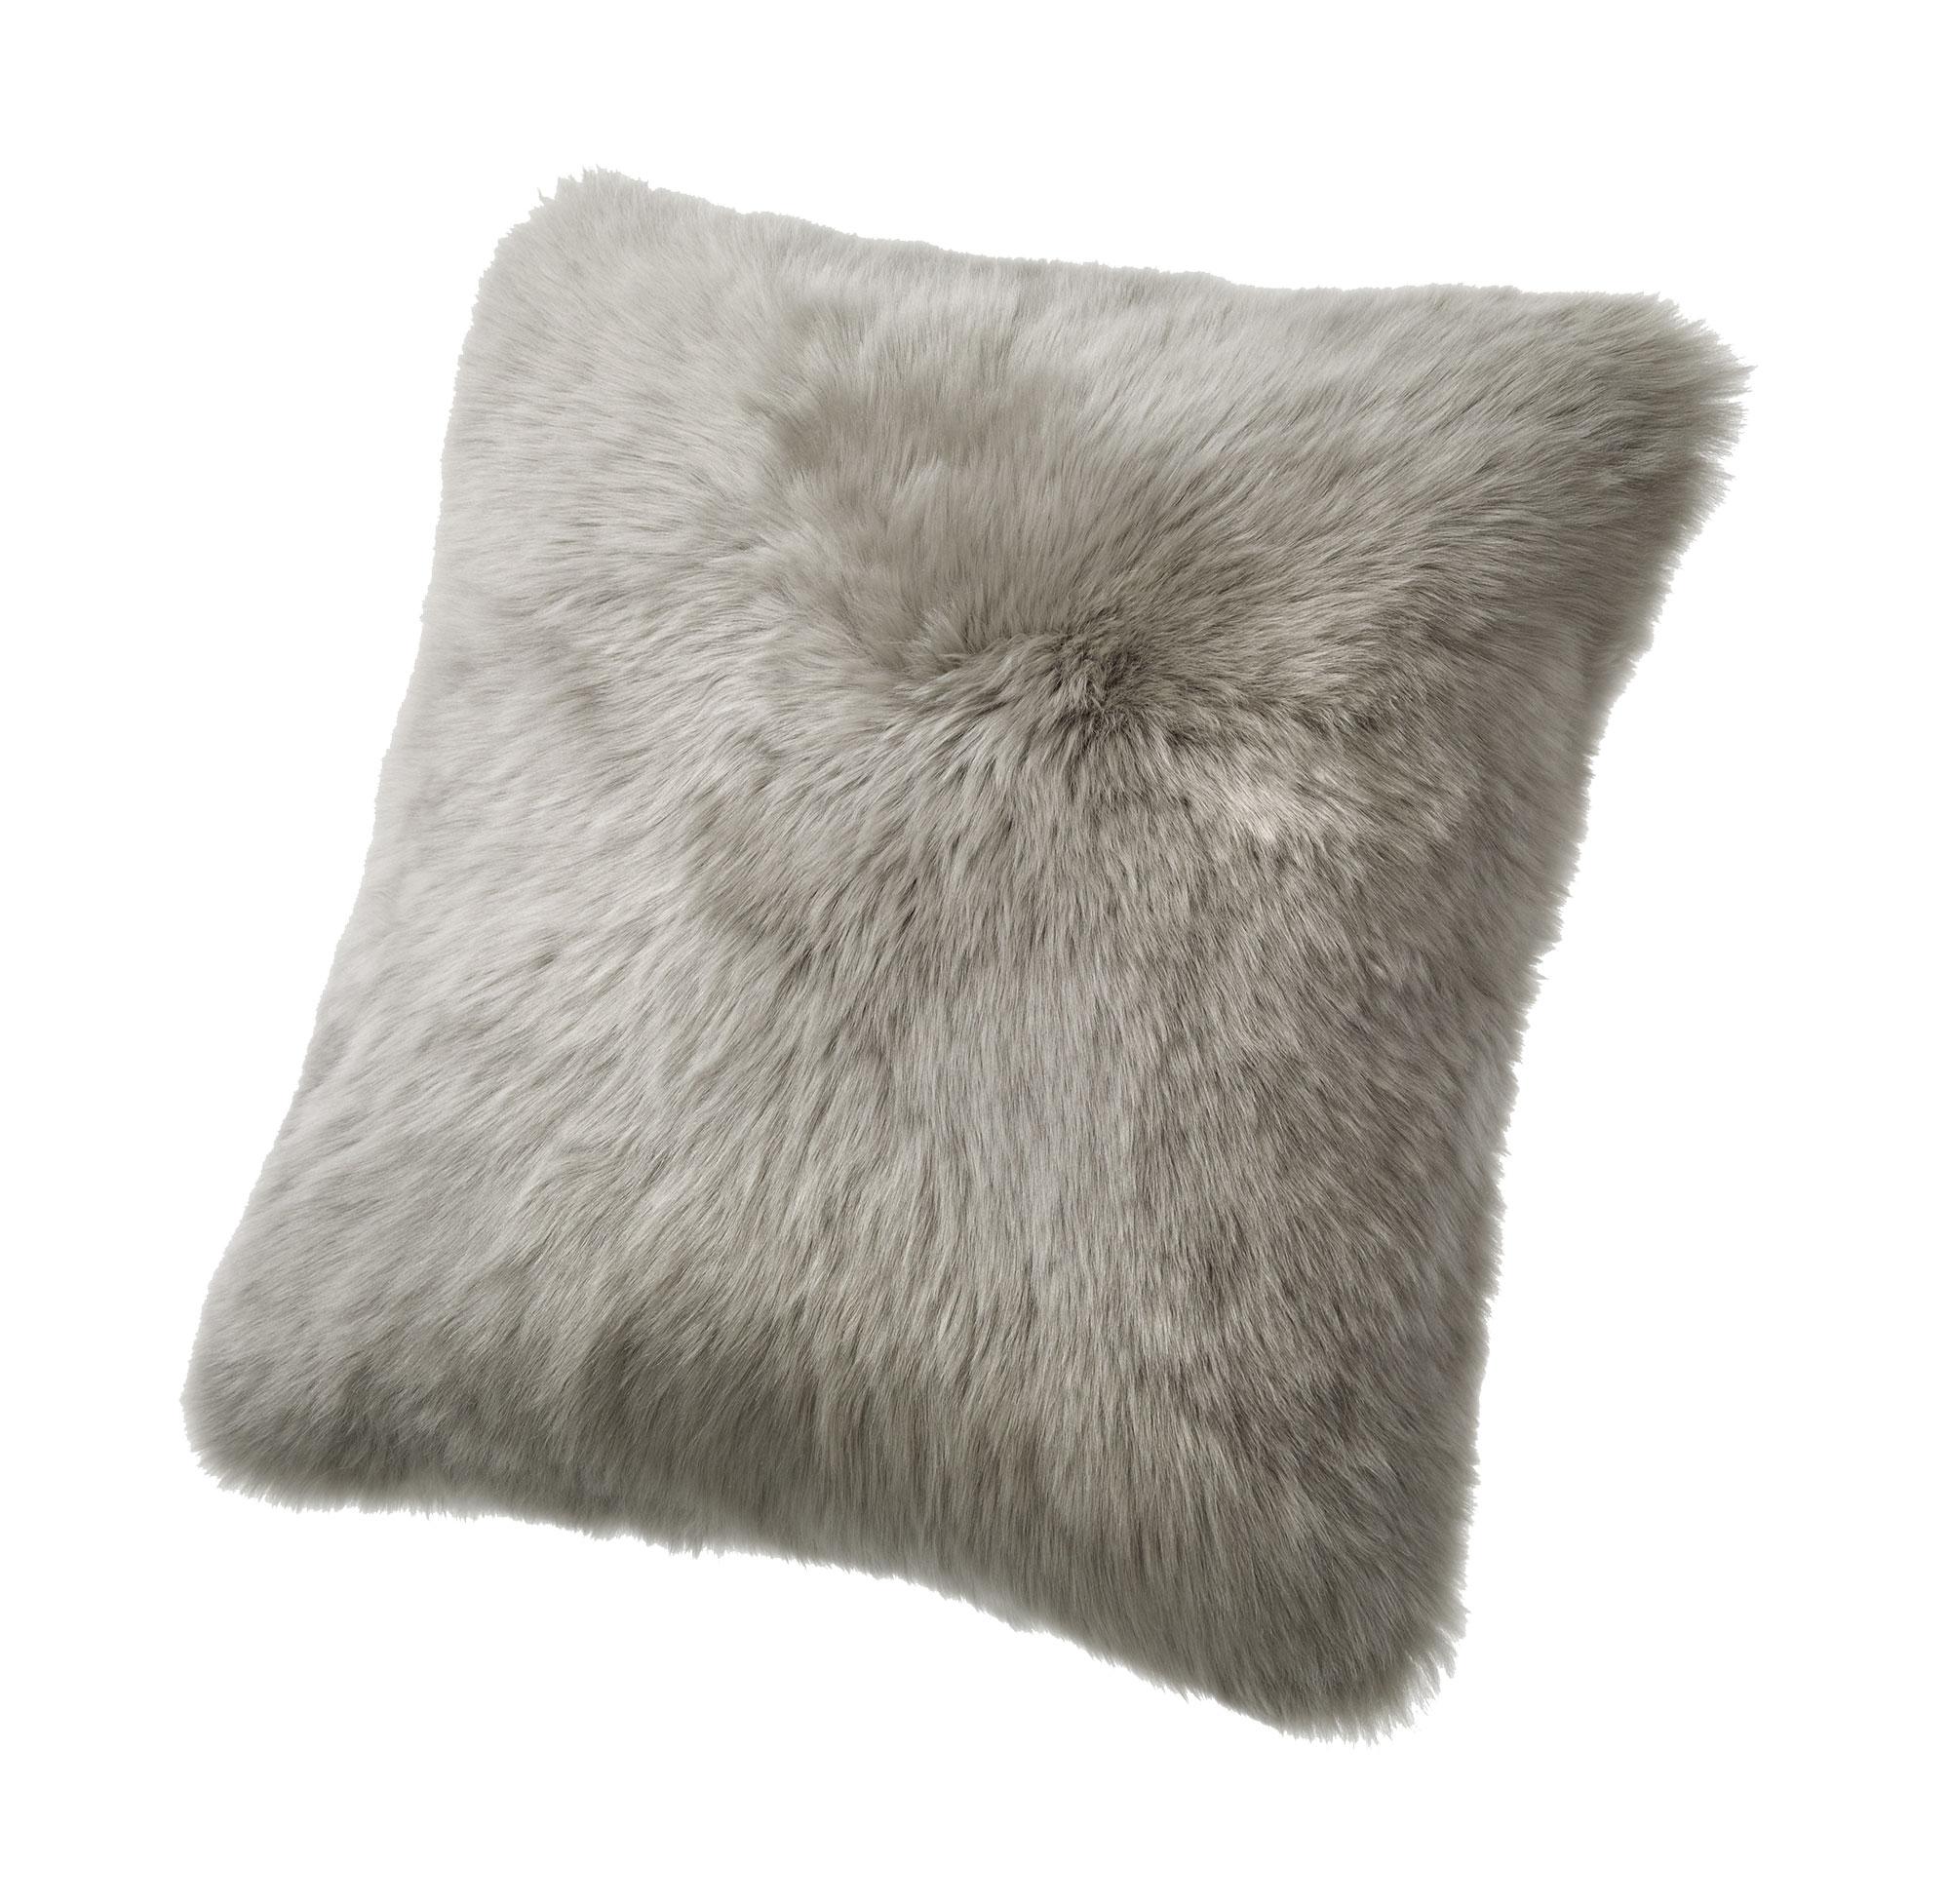 fibre by auskin sheepskin pillows ″ vole – ultimate sheepskin - sheepskin pillow gray